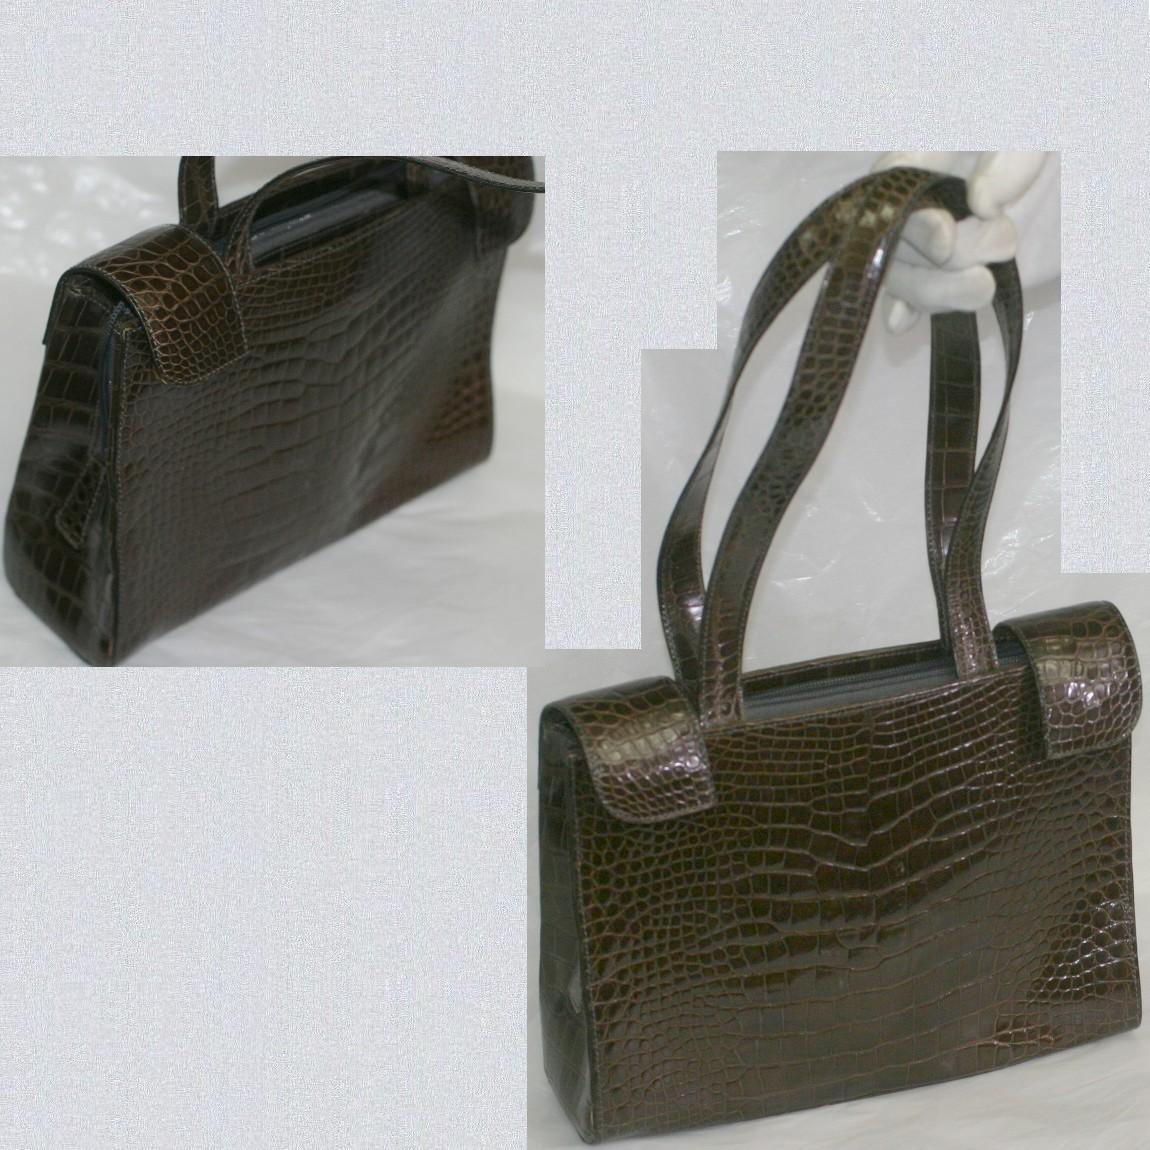 【中古】本物美品OLOPクロコダイル素材女性用イタリー製持ち手の長いハンドバッグ サイズW25,5H19D8cm